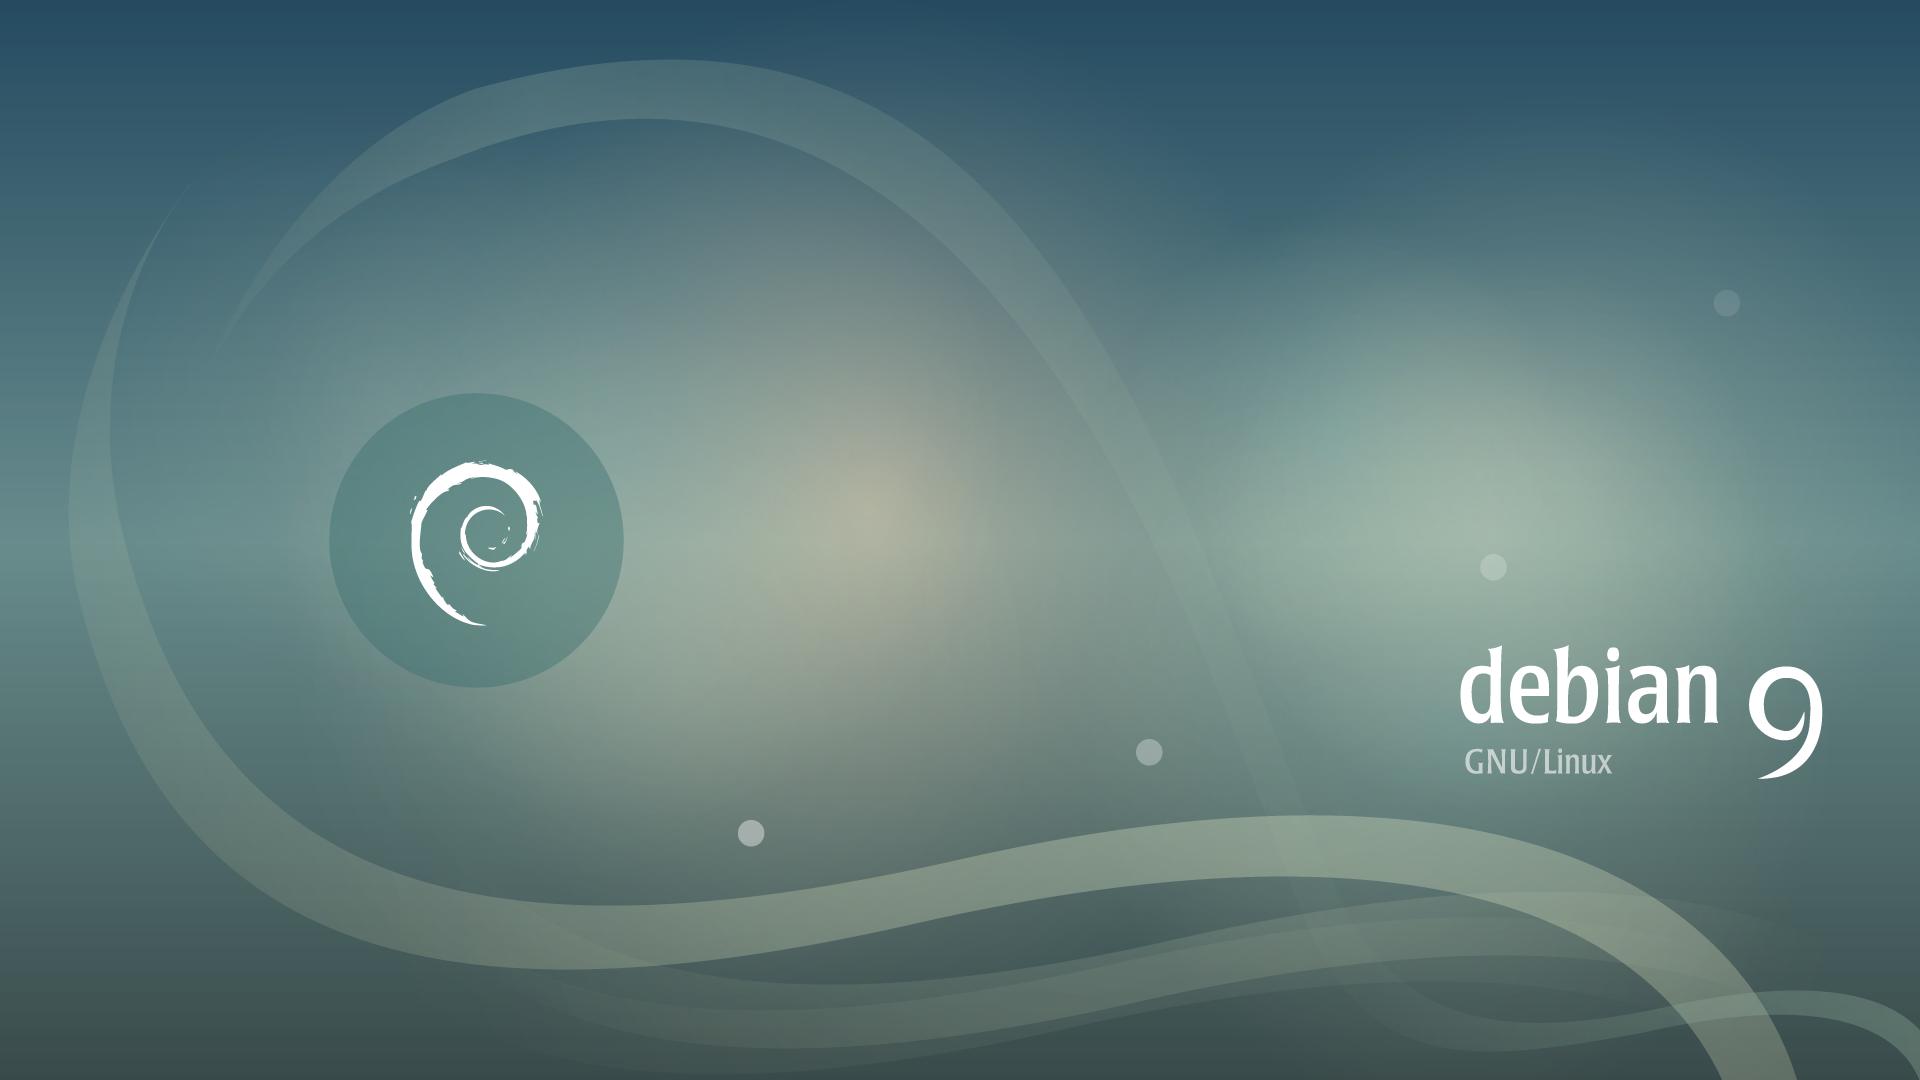 Ambiente de trabalho do Debian 9